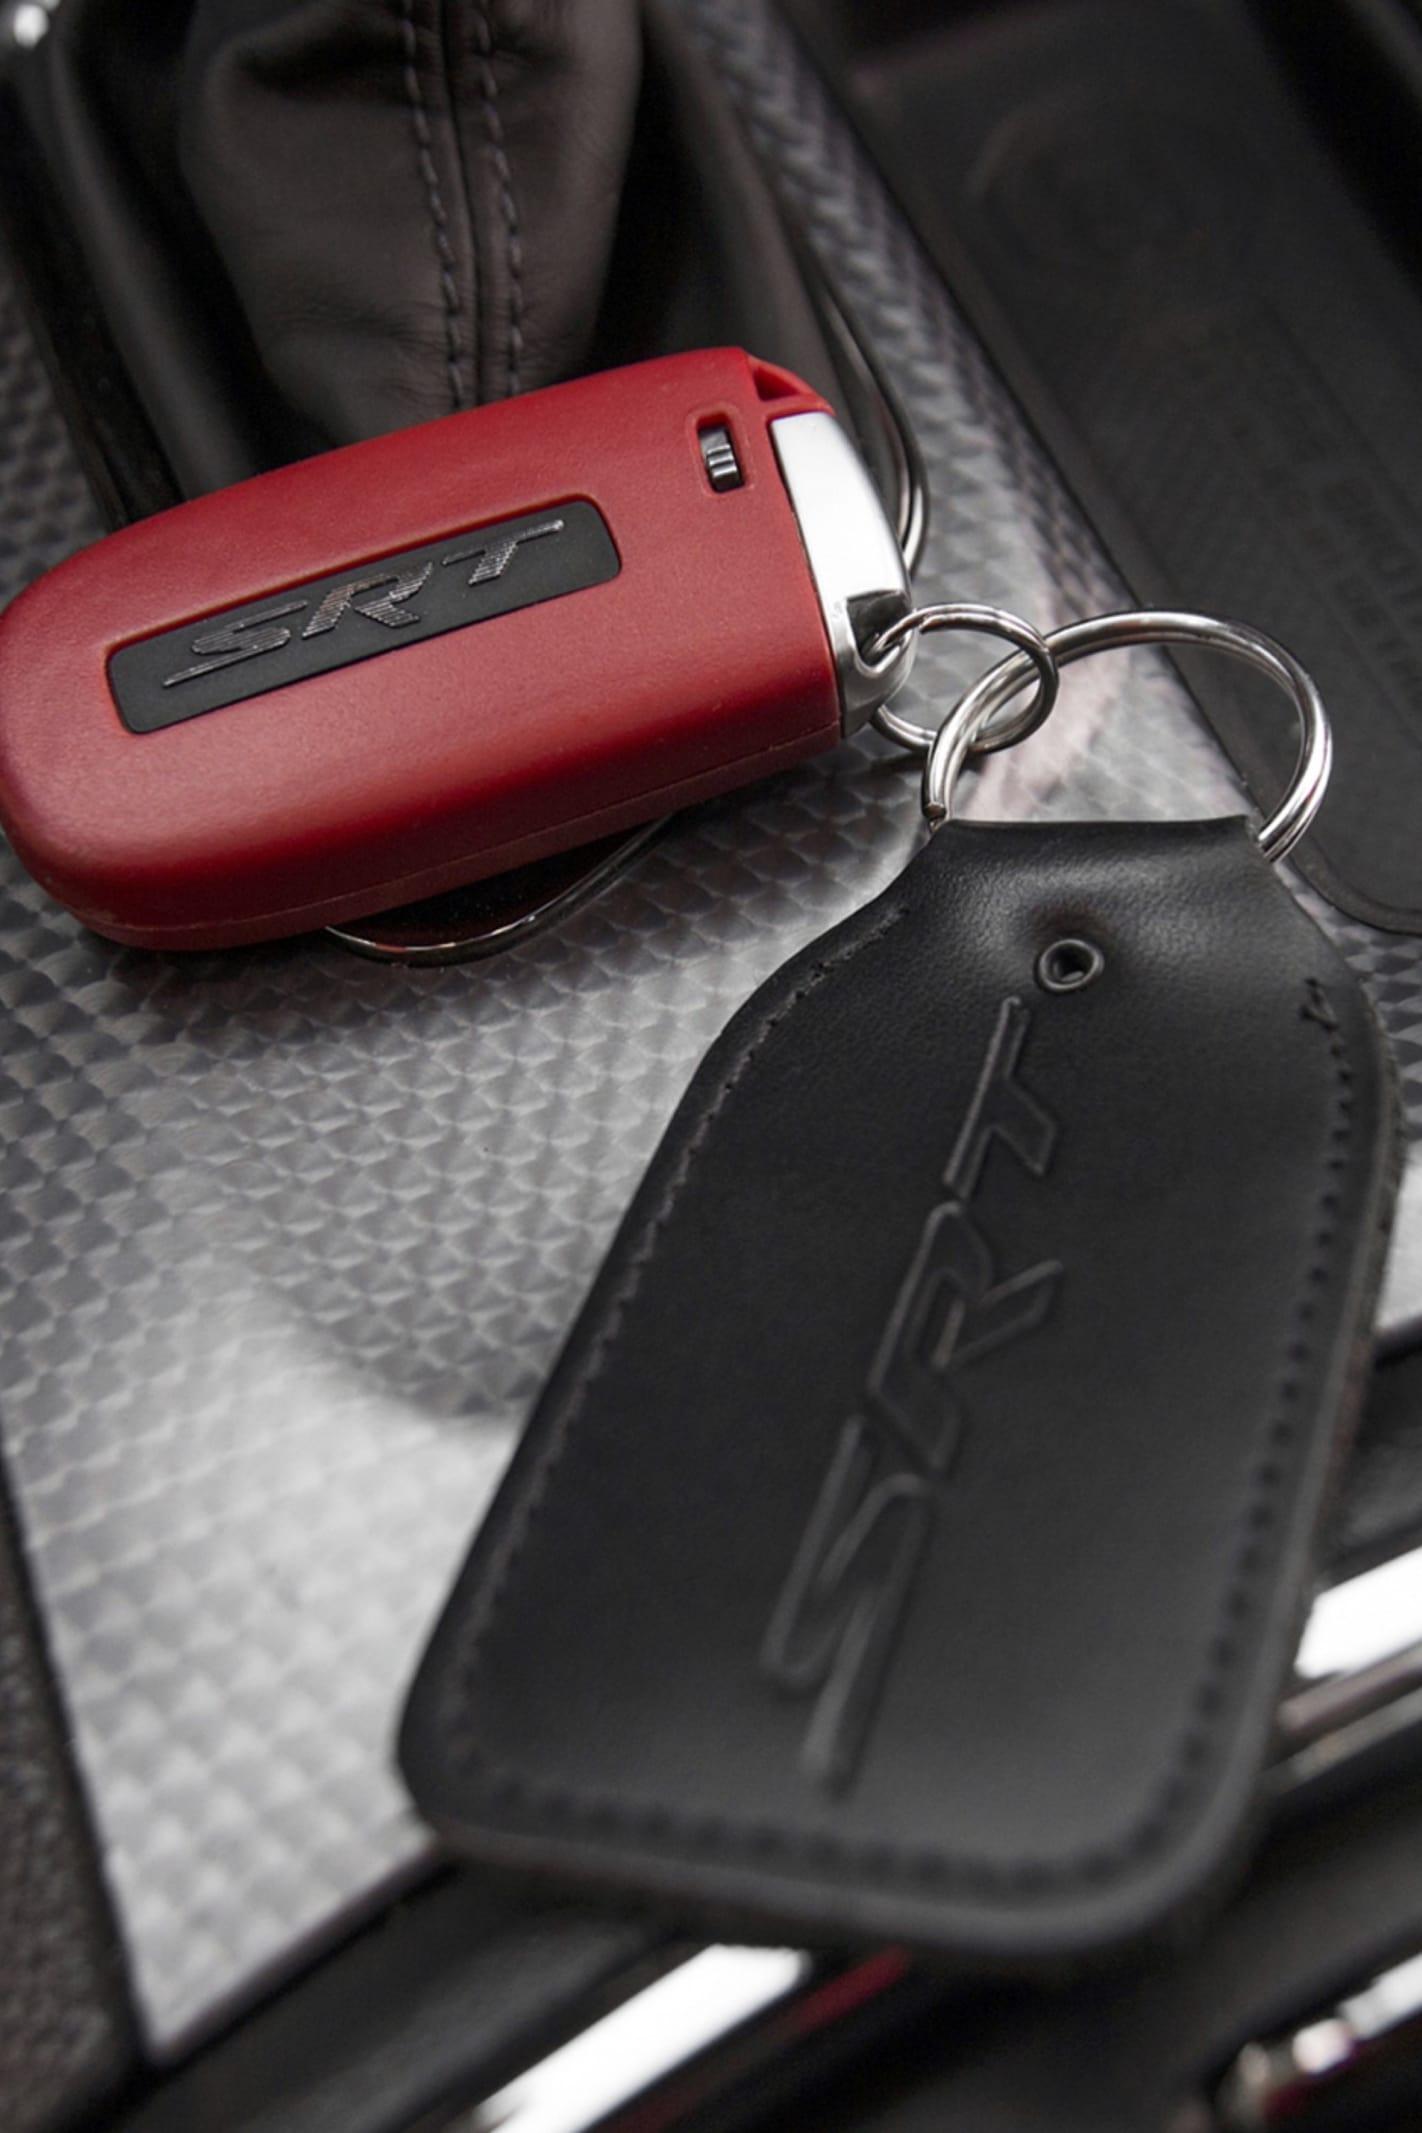 Till Dodge Charger Hellcat får man två nycklar, en svart och en röd. Den svarta släpper inte lös bilens alla kraftresurser utan begränsar effekten till 507. Den röda däremot ger dig tillgång till samtliga 717 hästar.